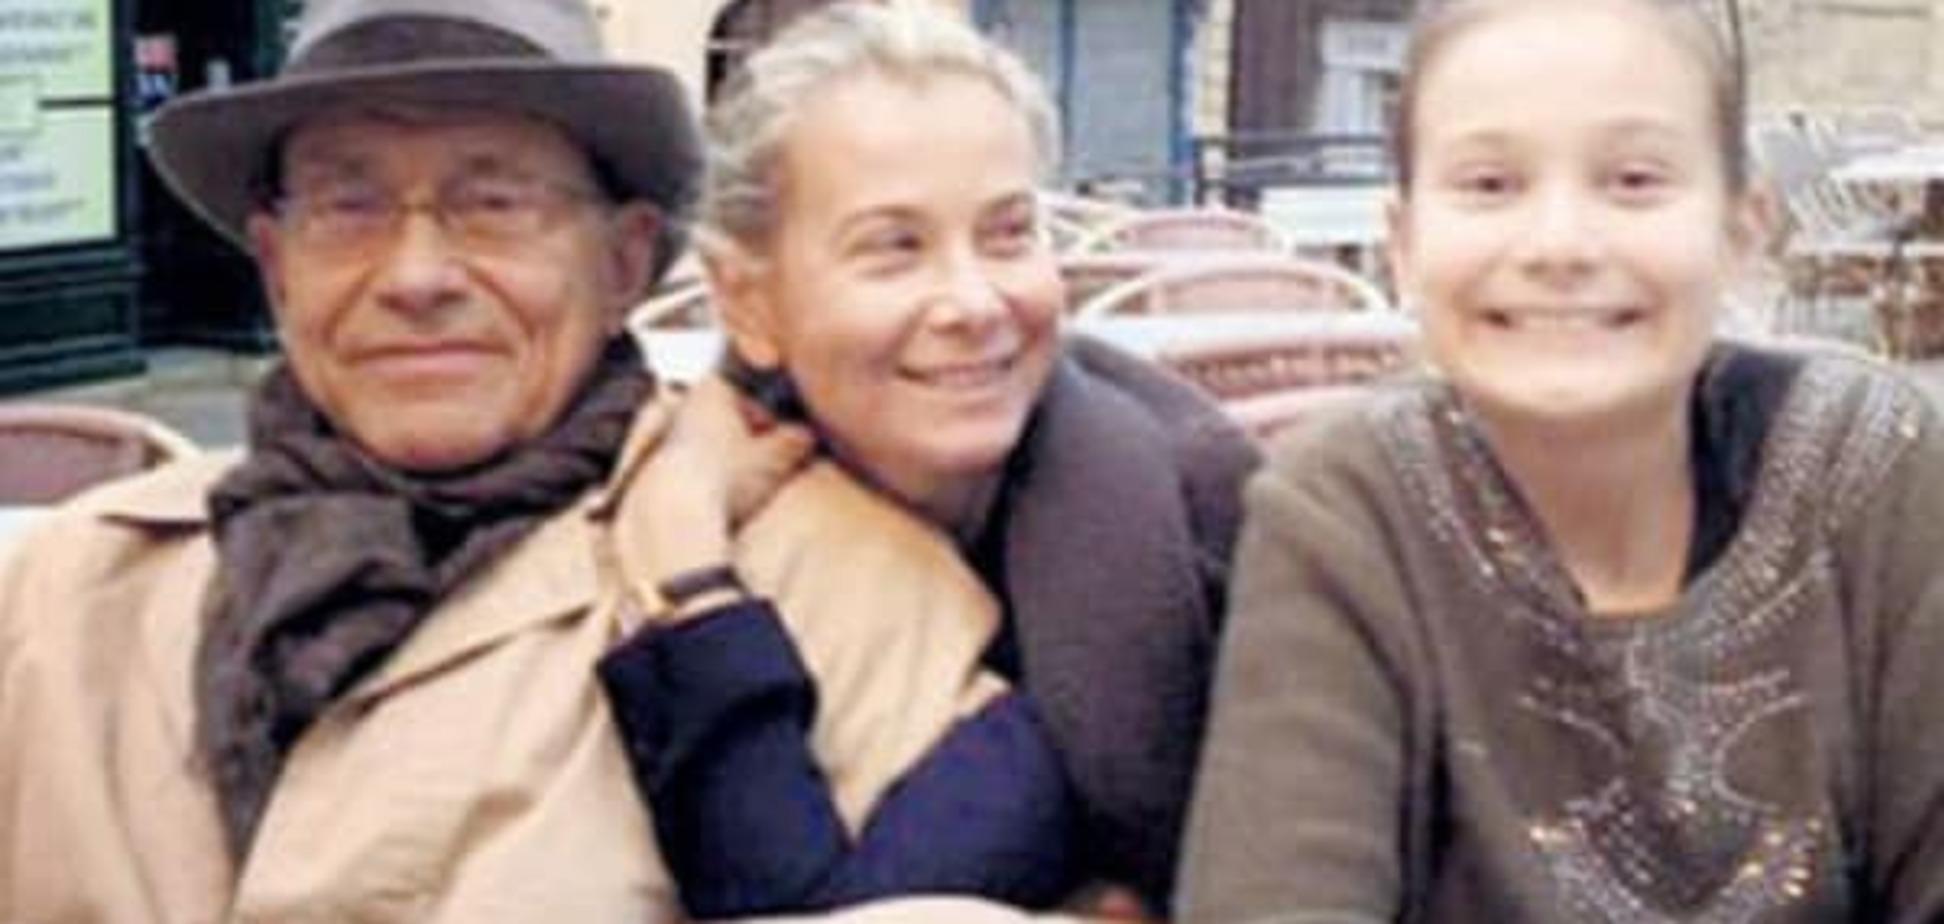 Донька Кончаловського і Висоцької знаходиться в пограничному стані - ЗМІ